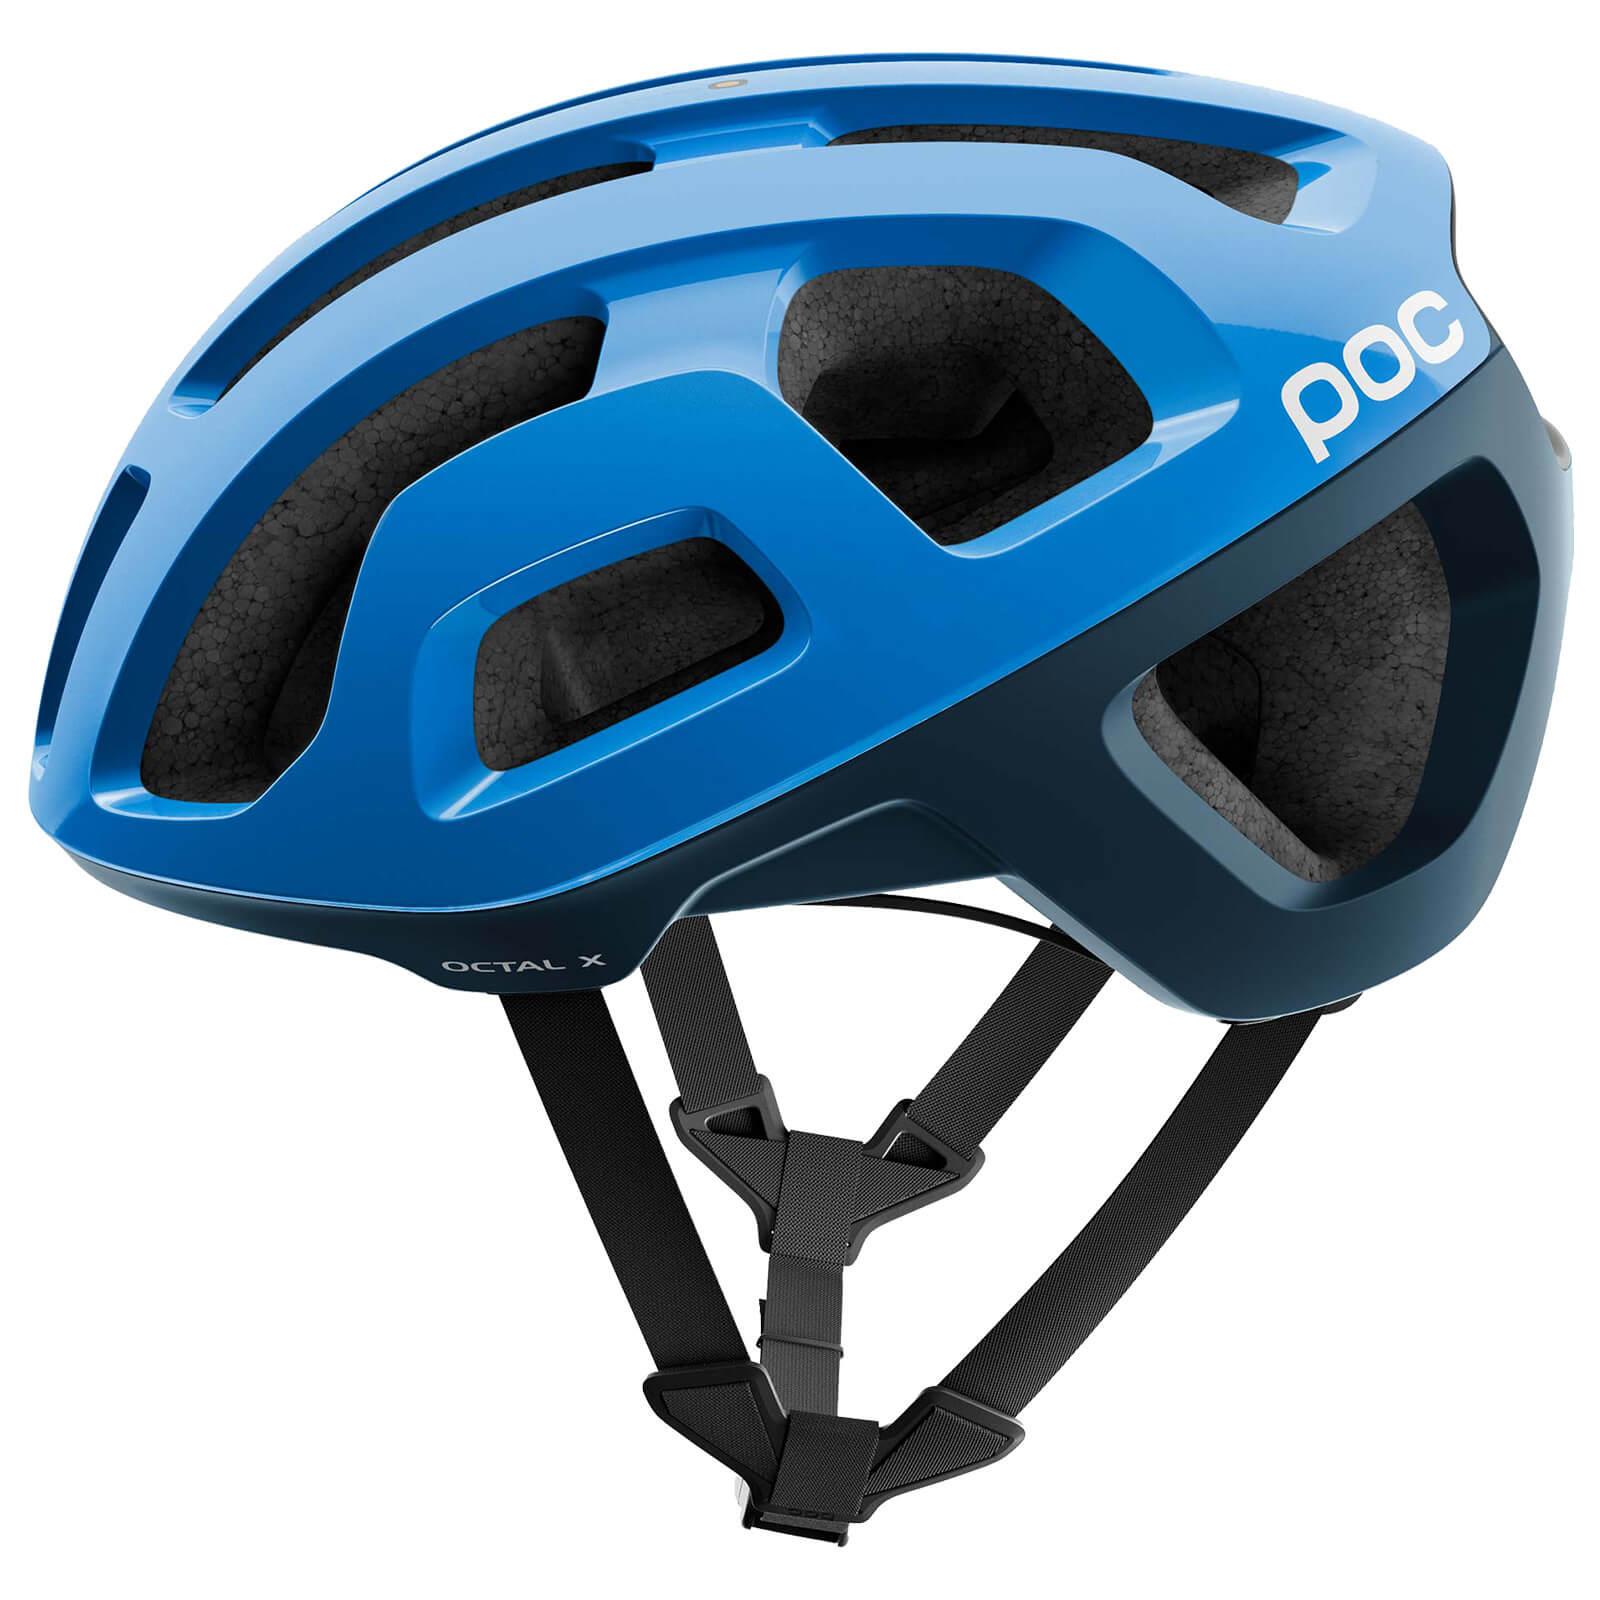 POC Octal X SPIN Helmet - S/50-56cm - Furfural Blue